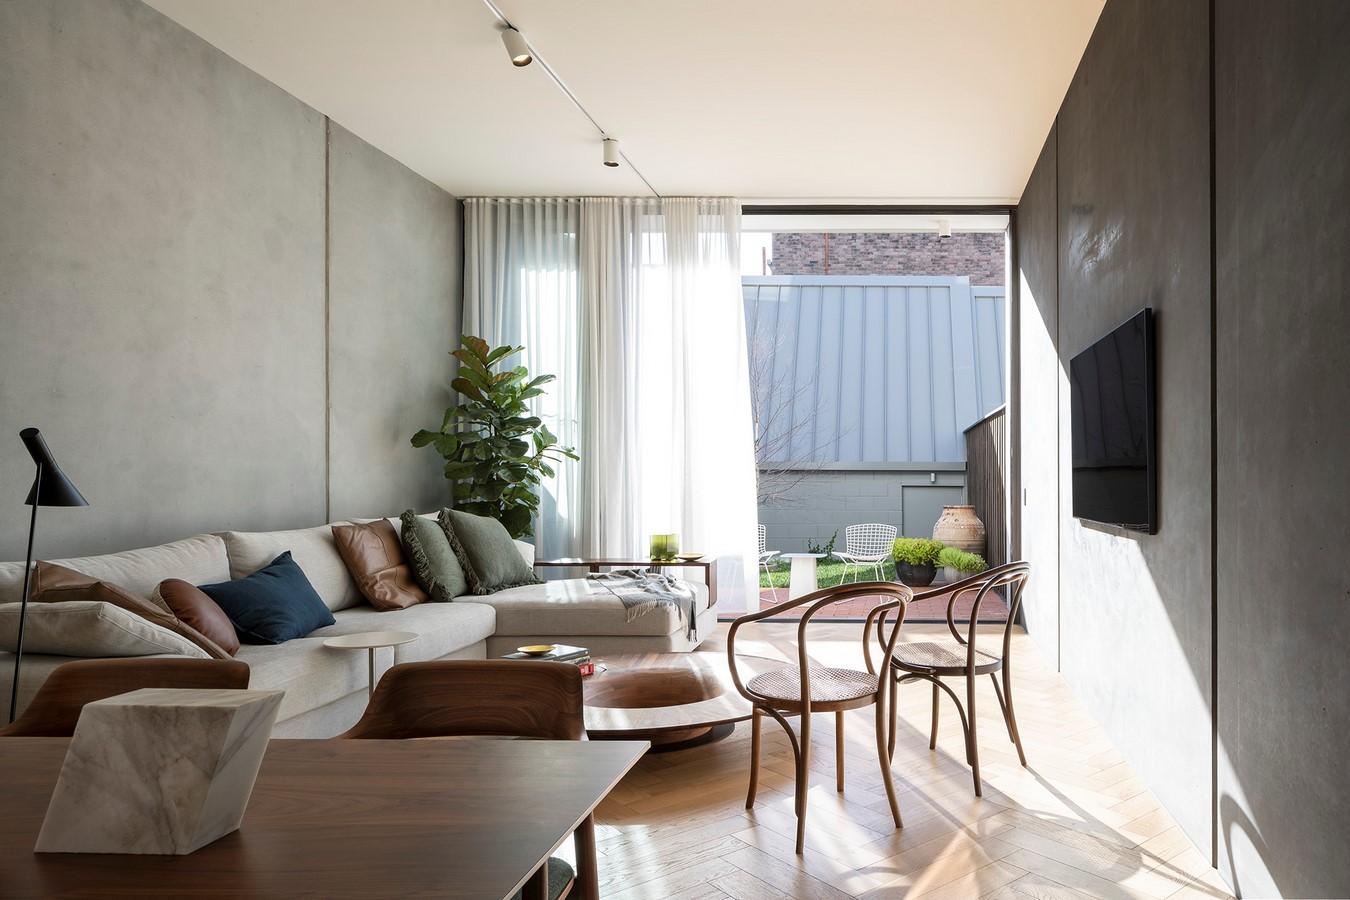 Portman Street Terraces by CO-AP - Sheet1